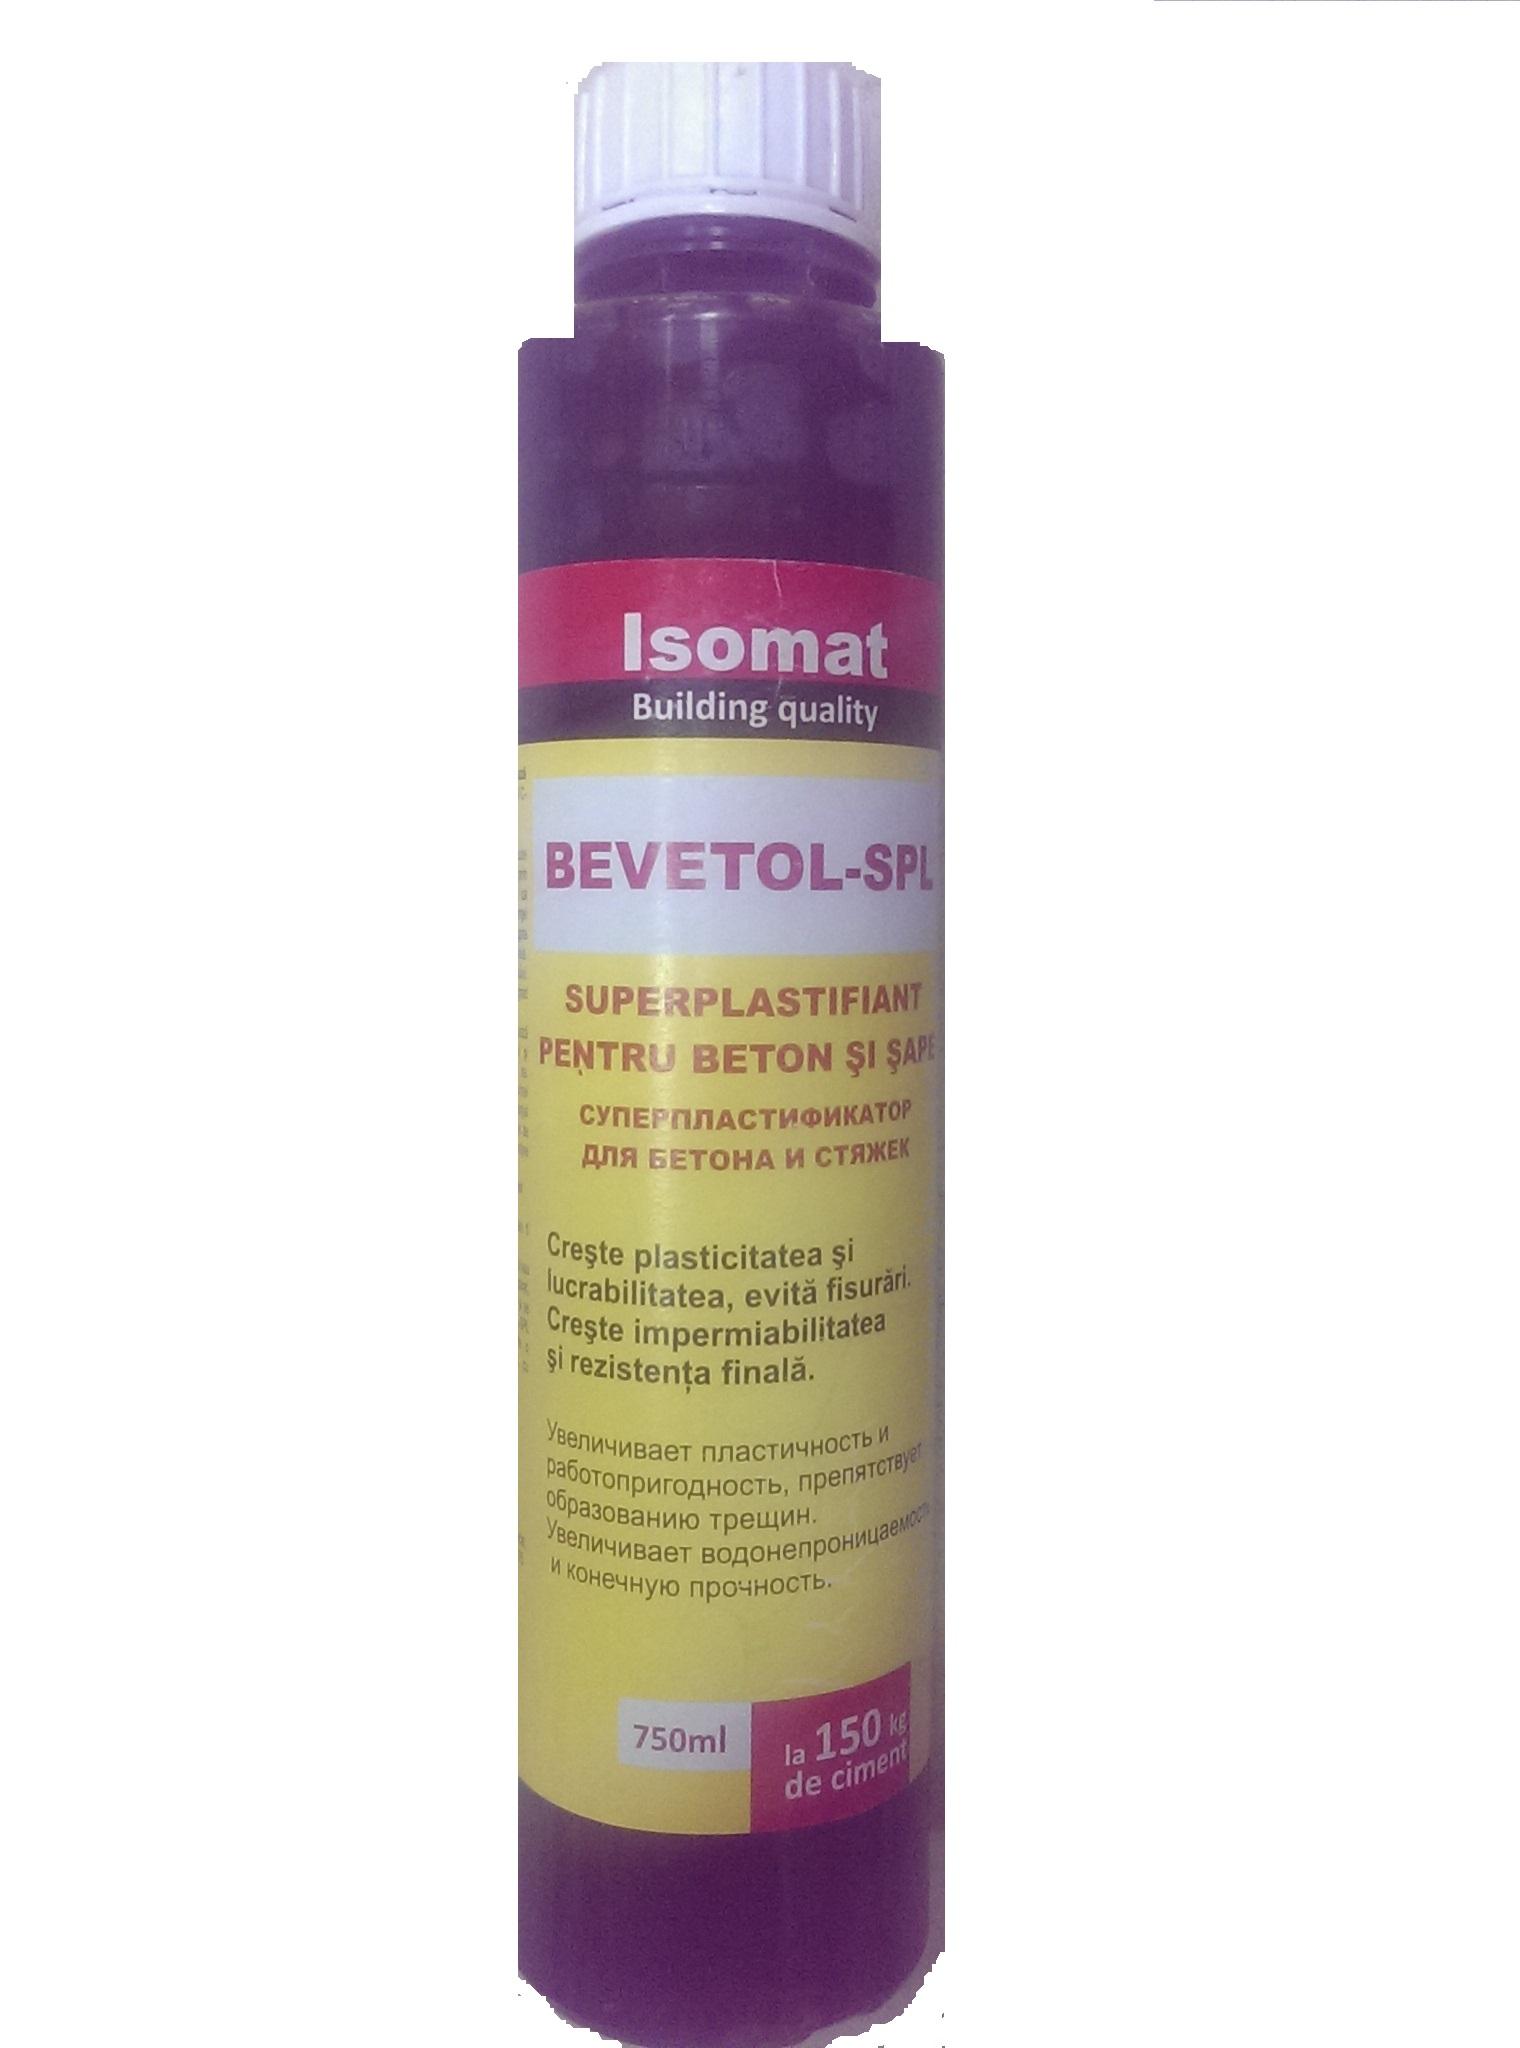 IS Bevetol SPL superplastifiant p/u beton 0.75 L